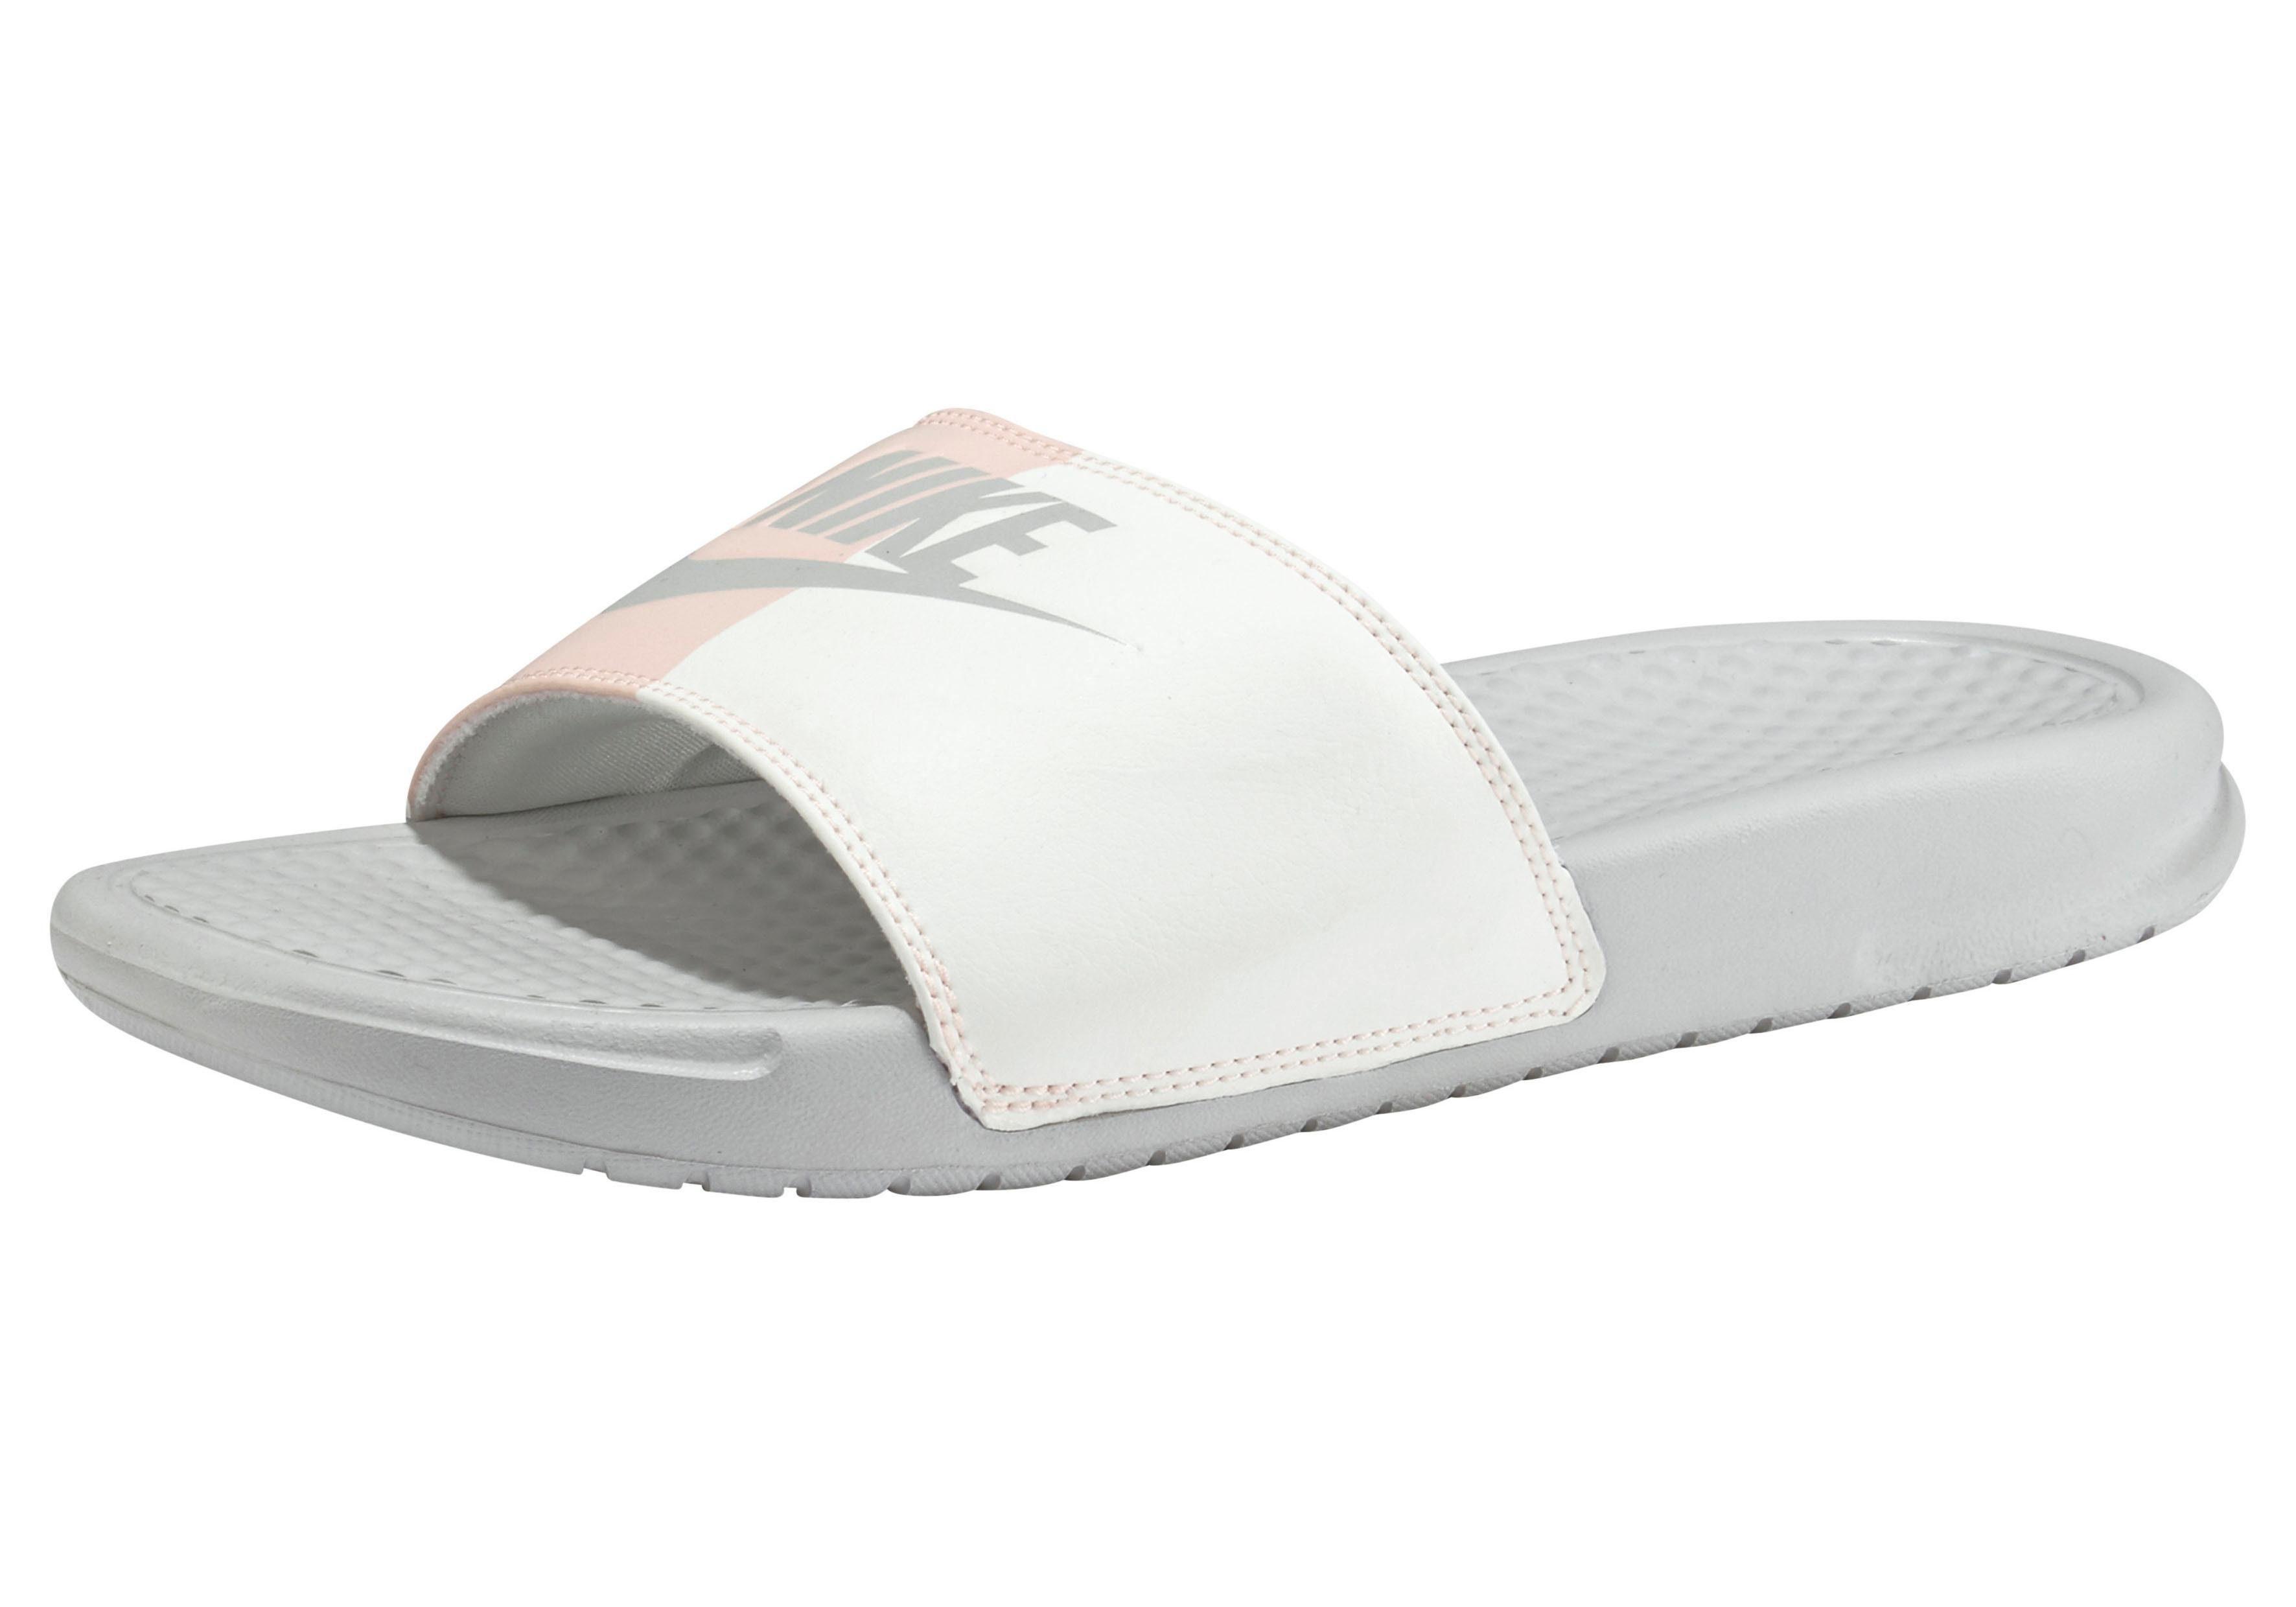 BENASSI JDI - Badesandale - black/white Günstig Kaufen Blick Schnelle Lieferung Verkauf Ausgezeichnet Spielraum Billig Komfortabel Günstig Online axscWkCo